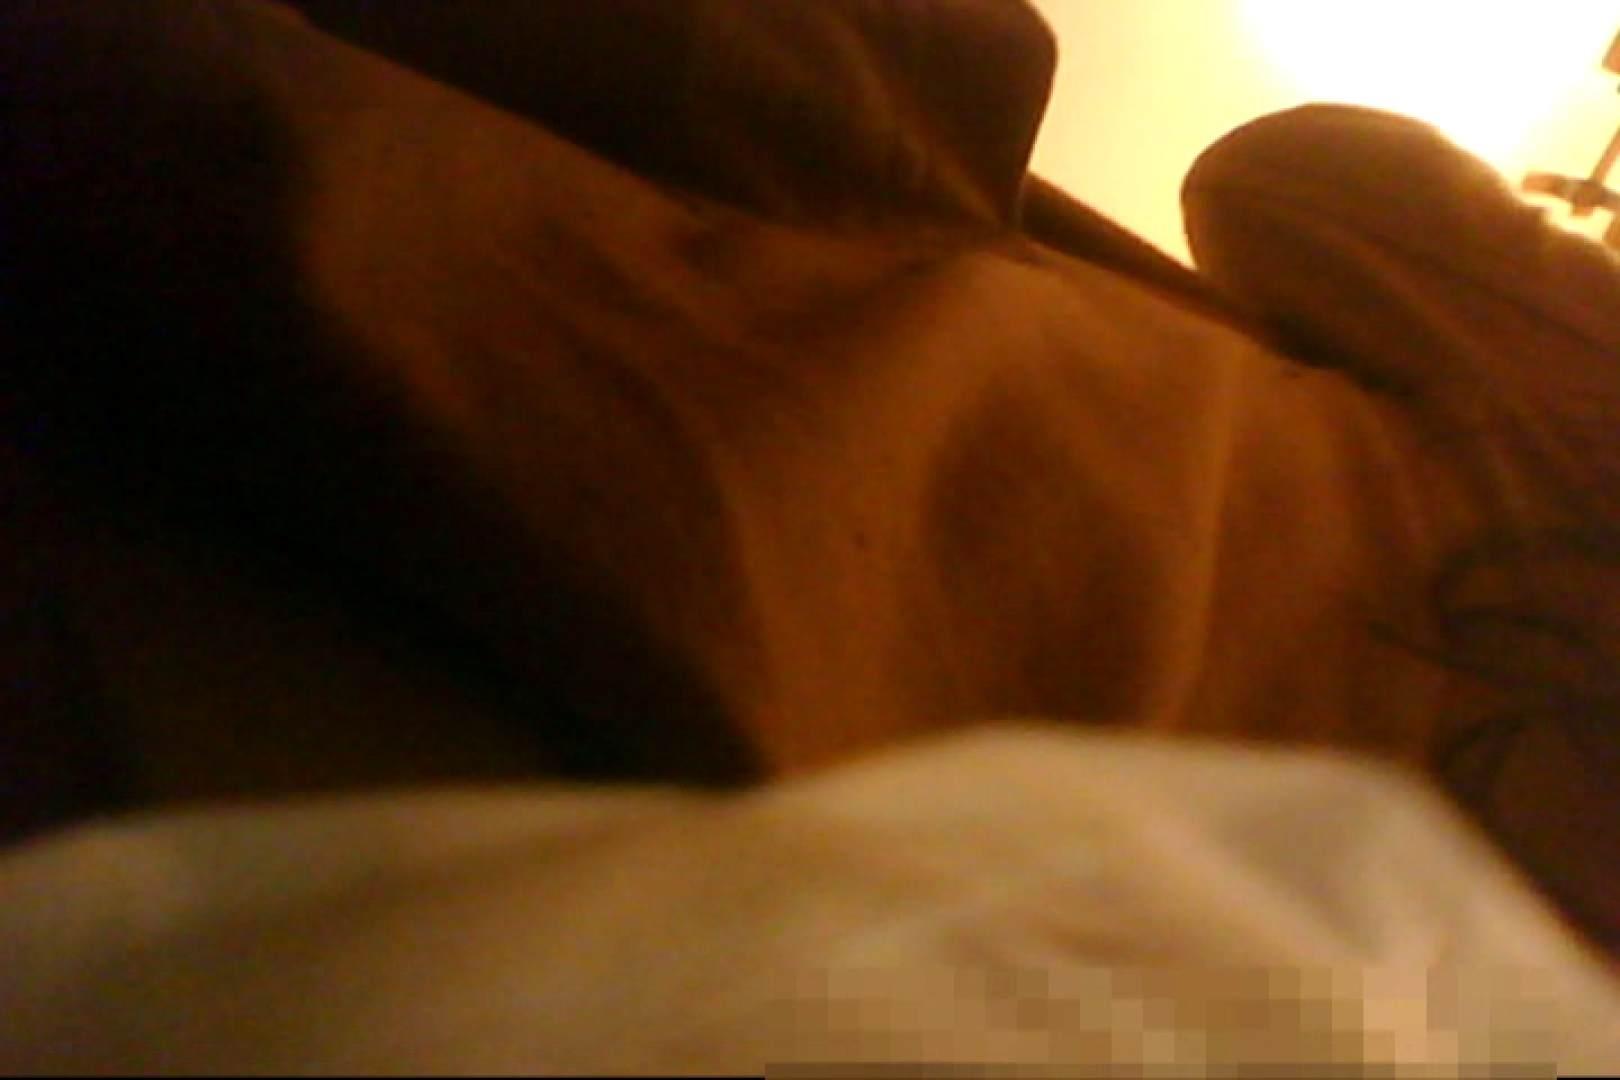 魅惑の化粧室~禁断のプライベート空間~vol.8 OLのエロ生活 オマンコ動画キャプチャ 110連発 82